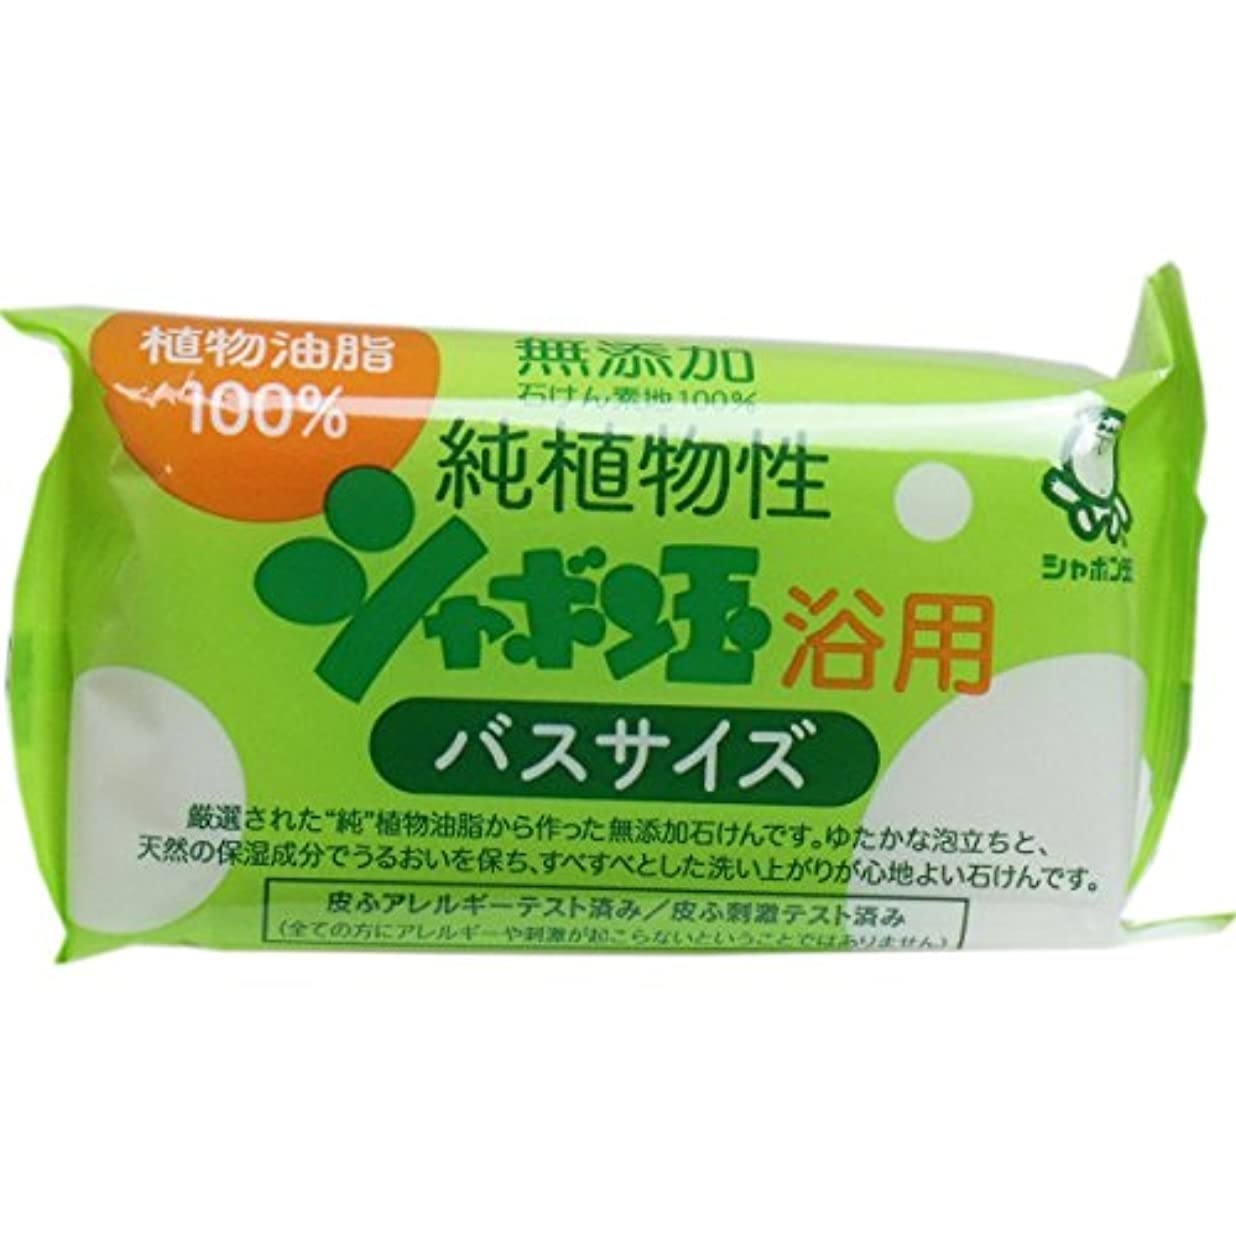 馬鹿げた法律により監督する無添加 シャボン玉 純植物性浴用石けん バスサイズ 155g(無添加石鹸)